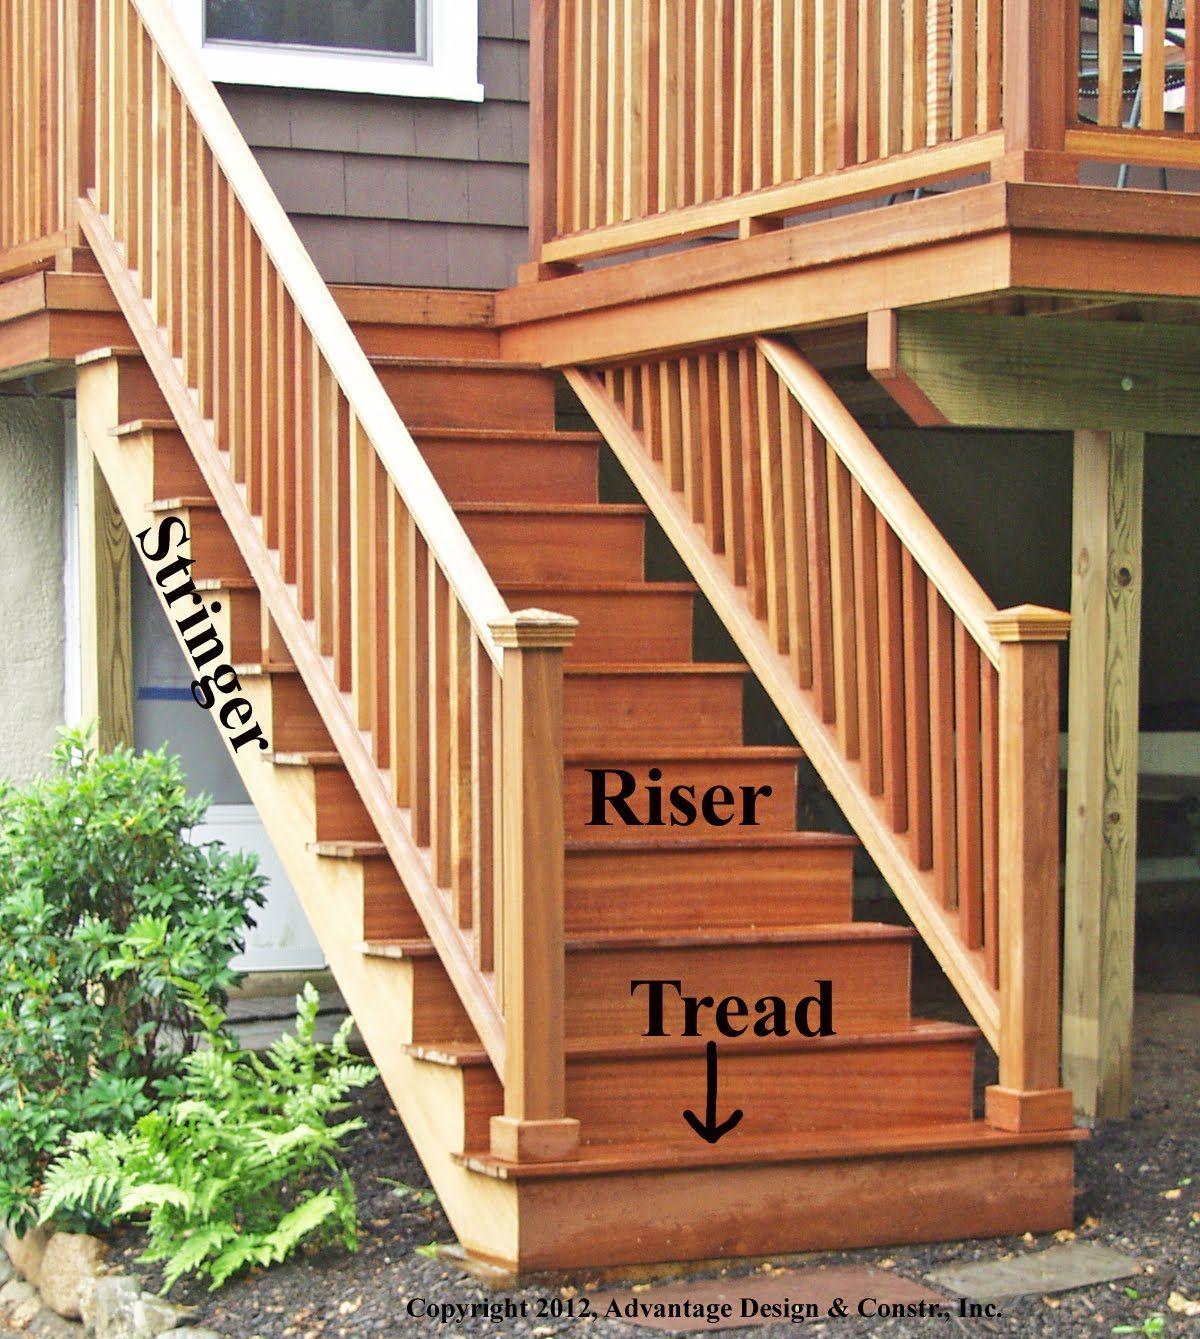 Exterior Deck Stair Railing Deck Stair Railing | Outdoor Deck Stair Railing